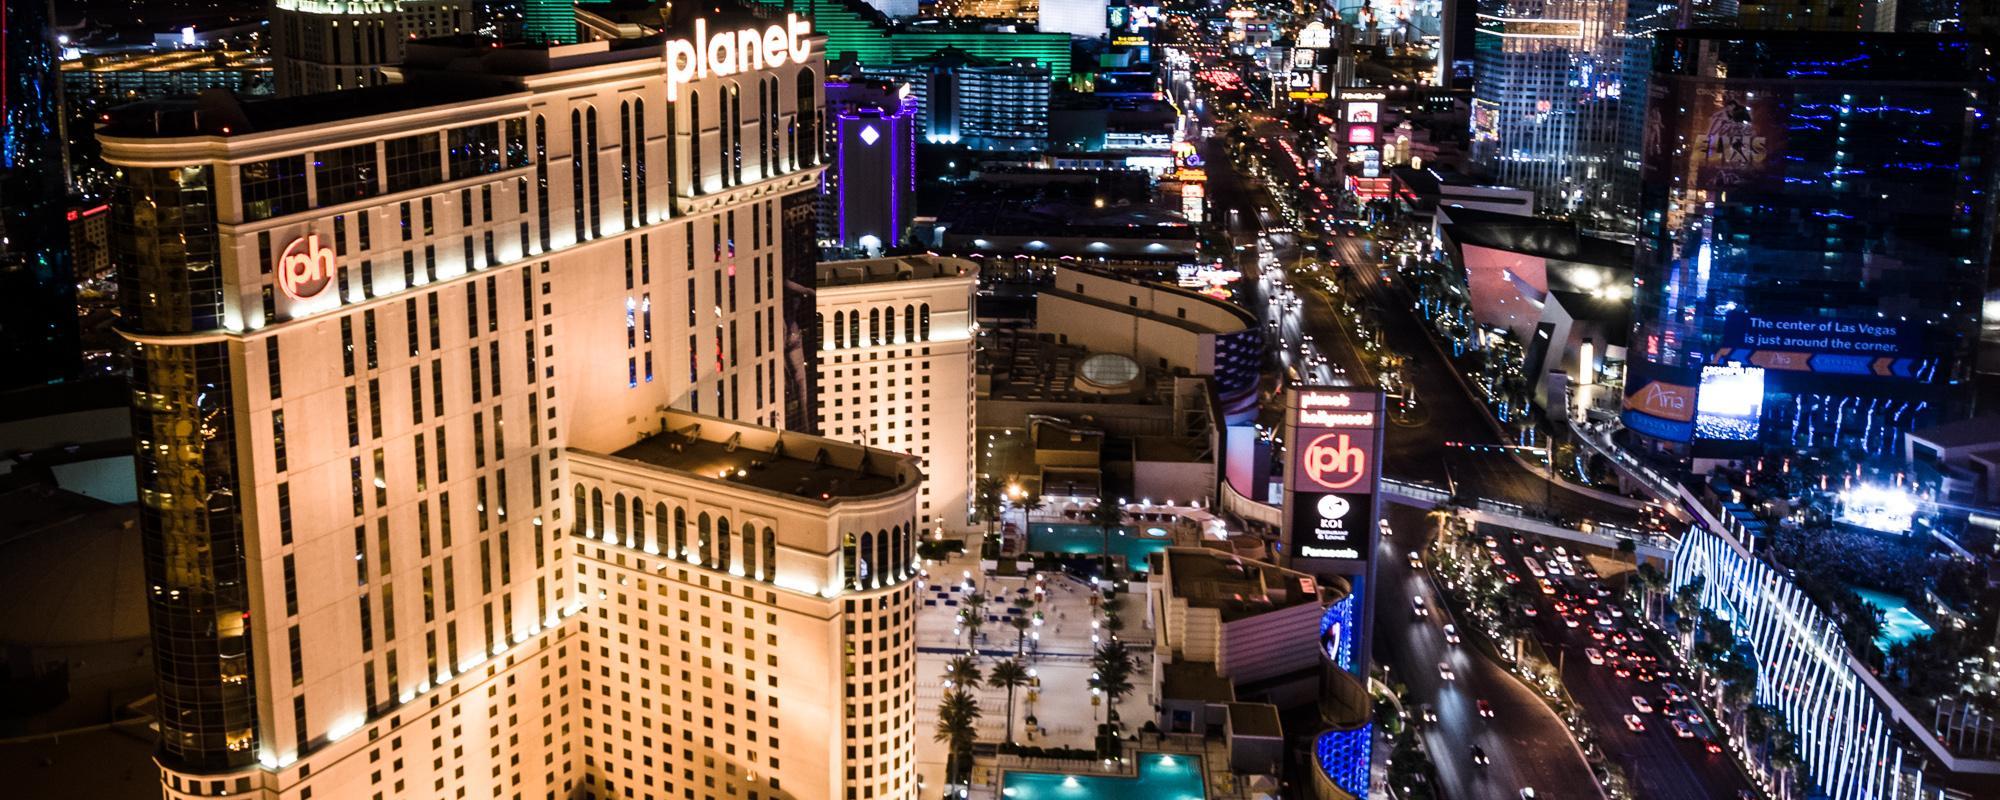 Las Vegas Strip ariel view